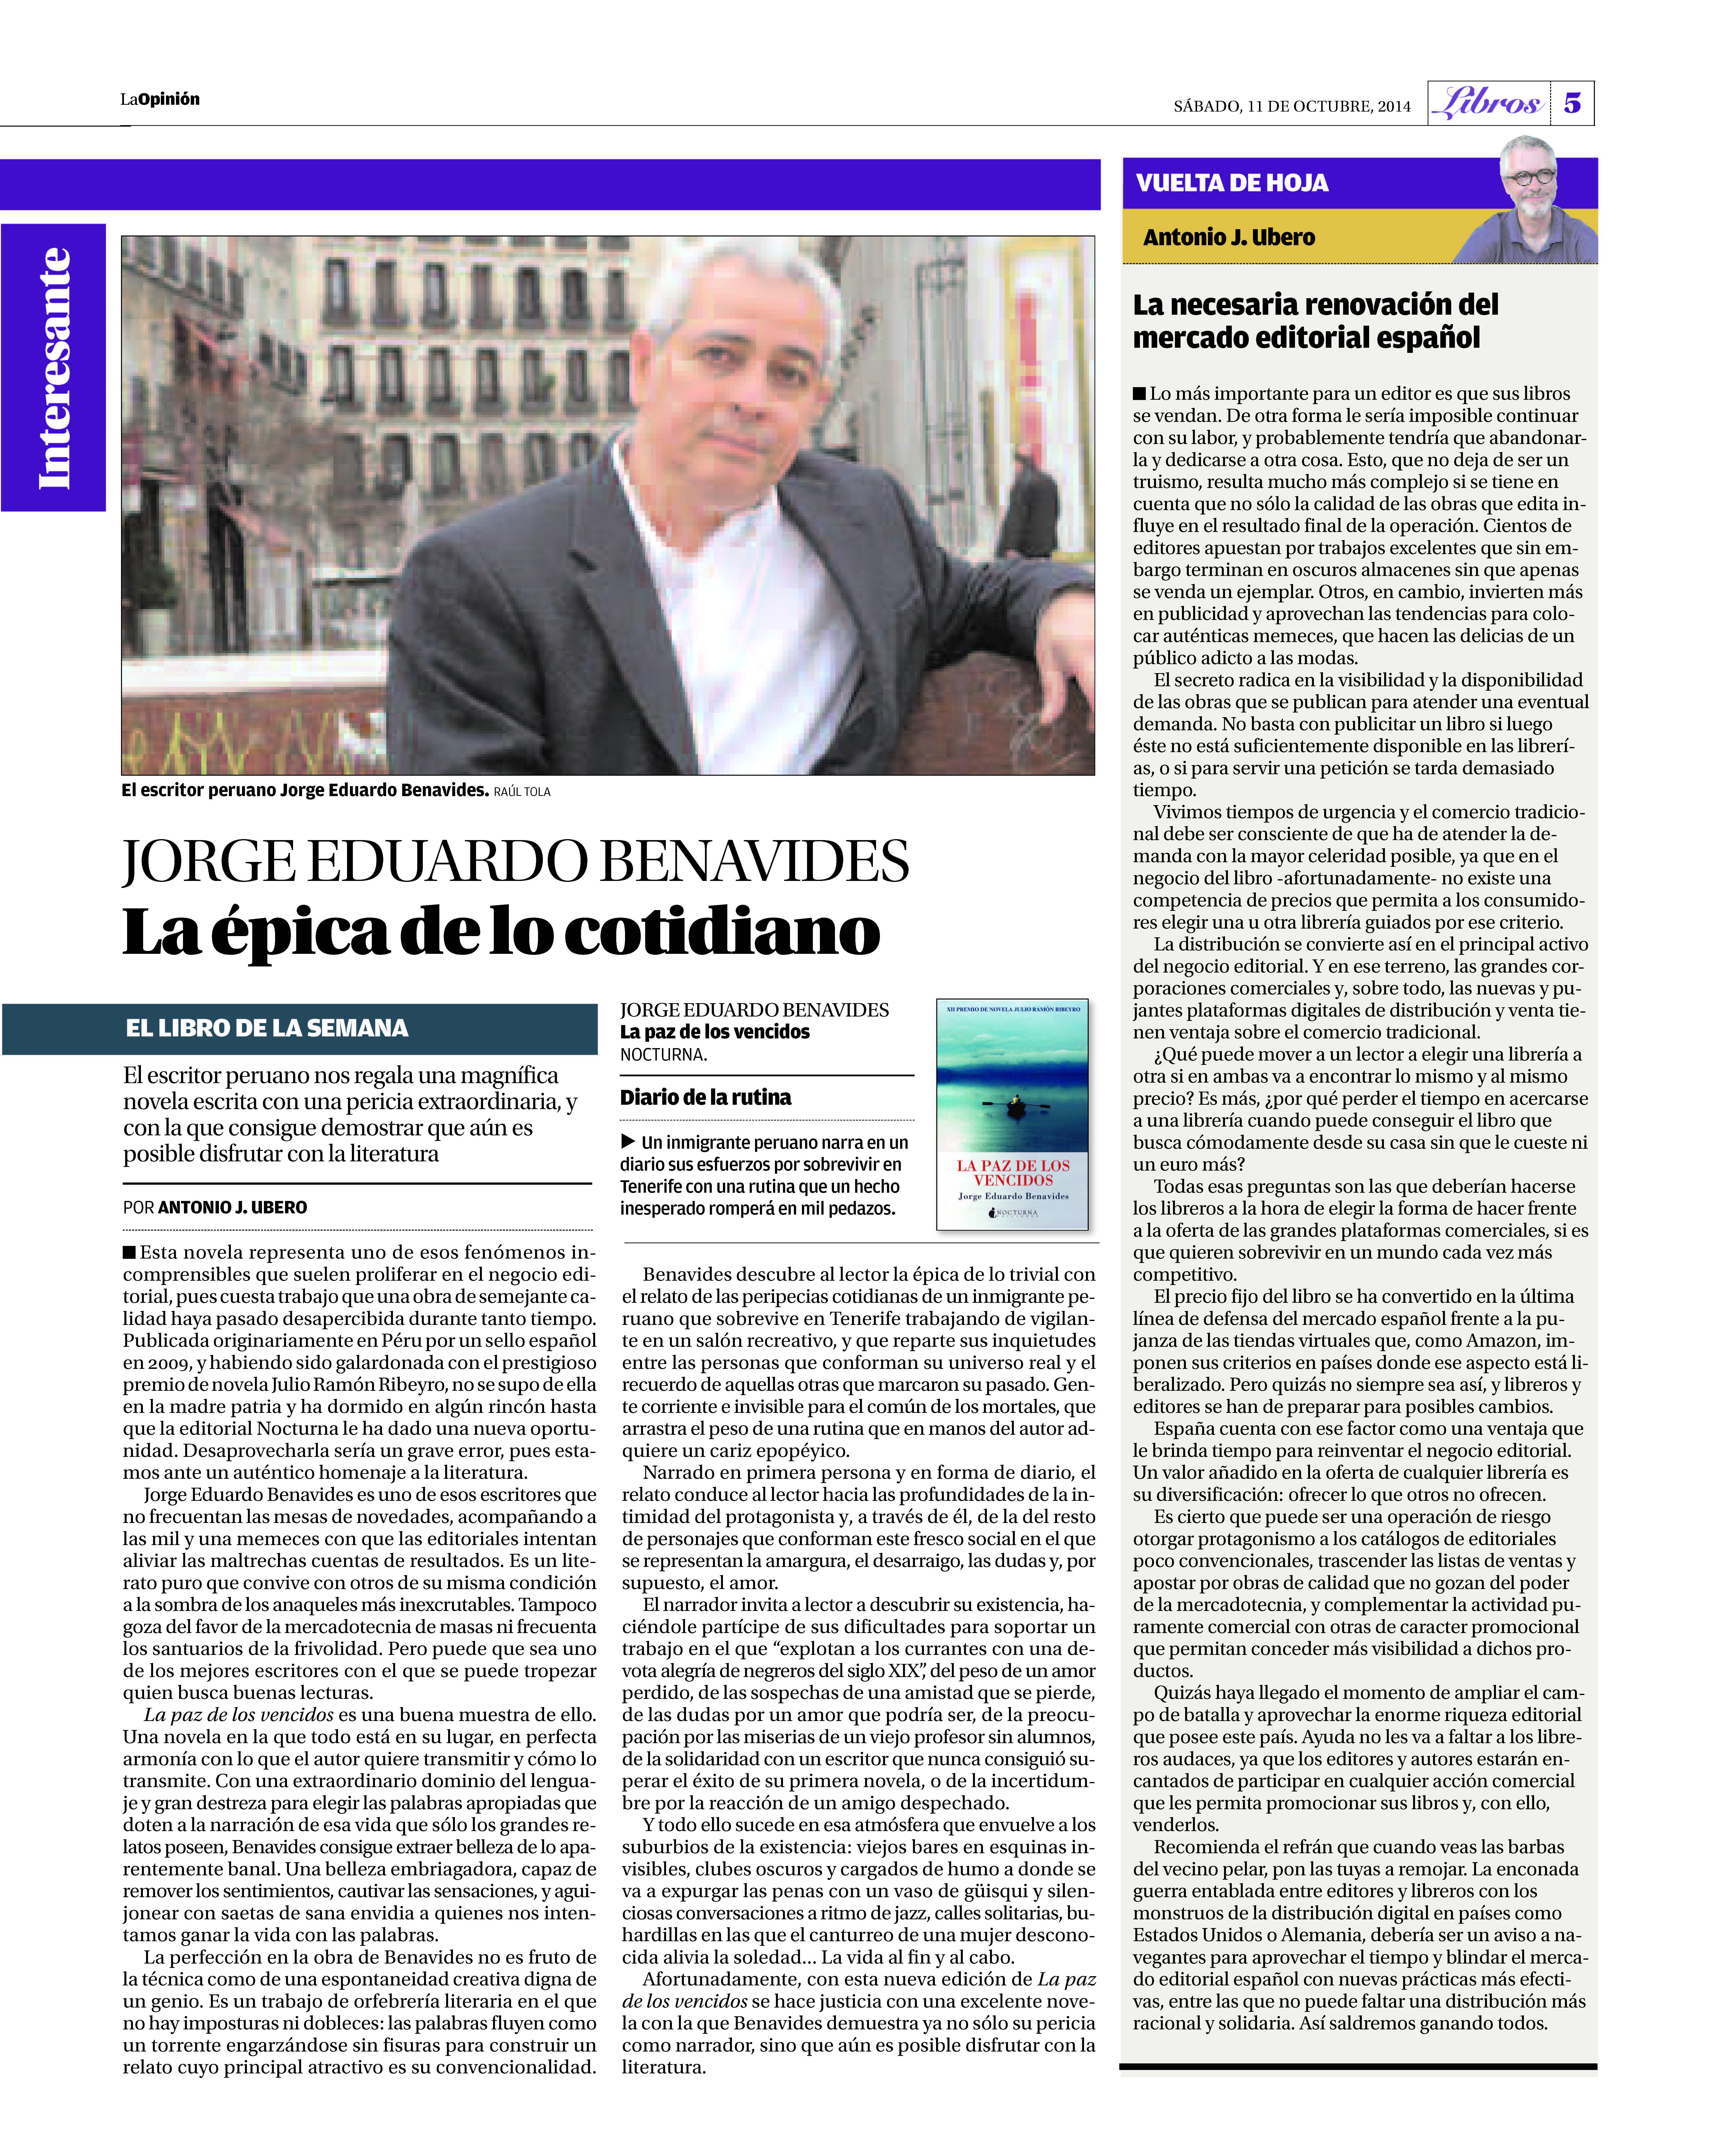 RECOPILACIÓN PERIODISTICA (sobre el autor) | jorgeeduardobenavides